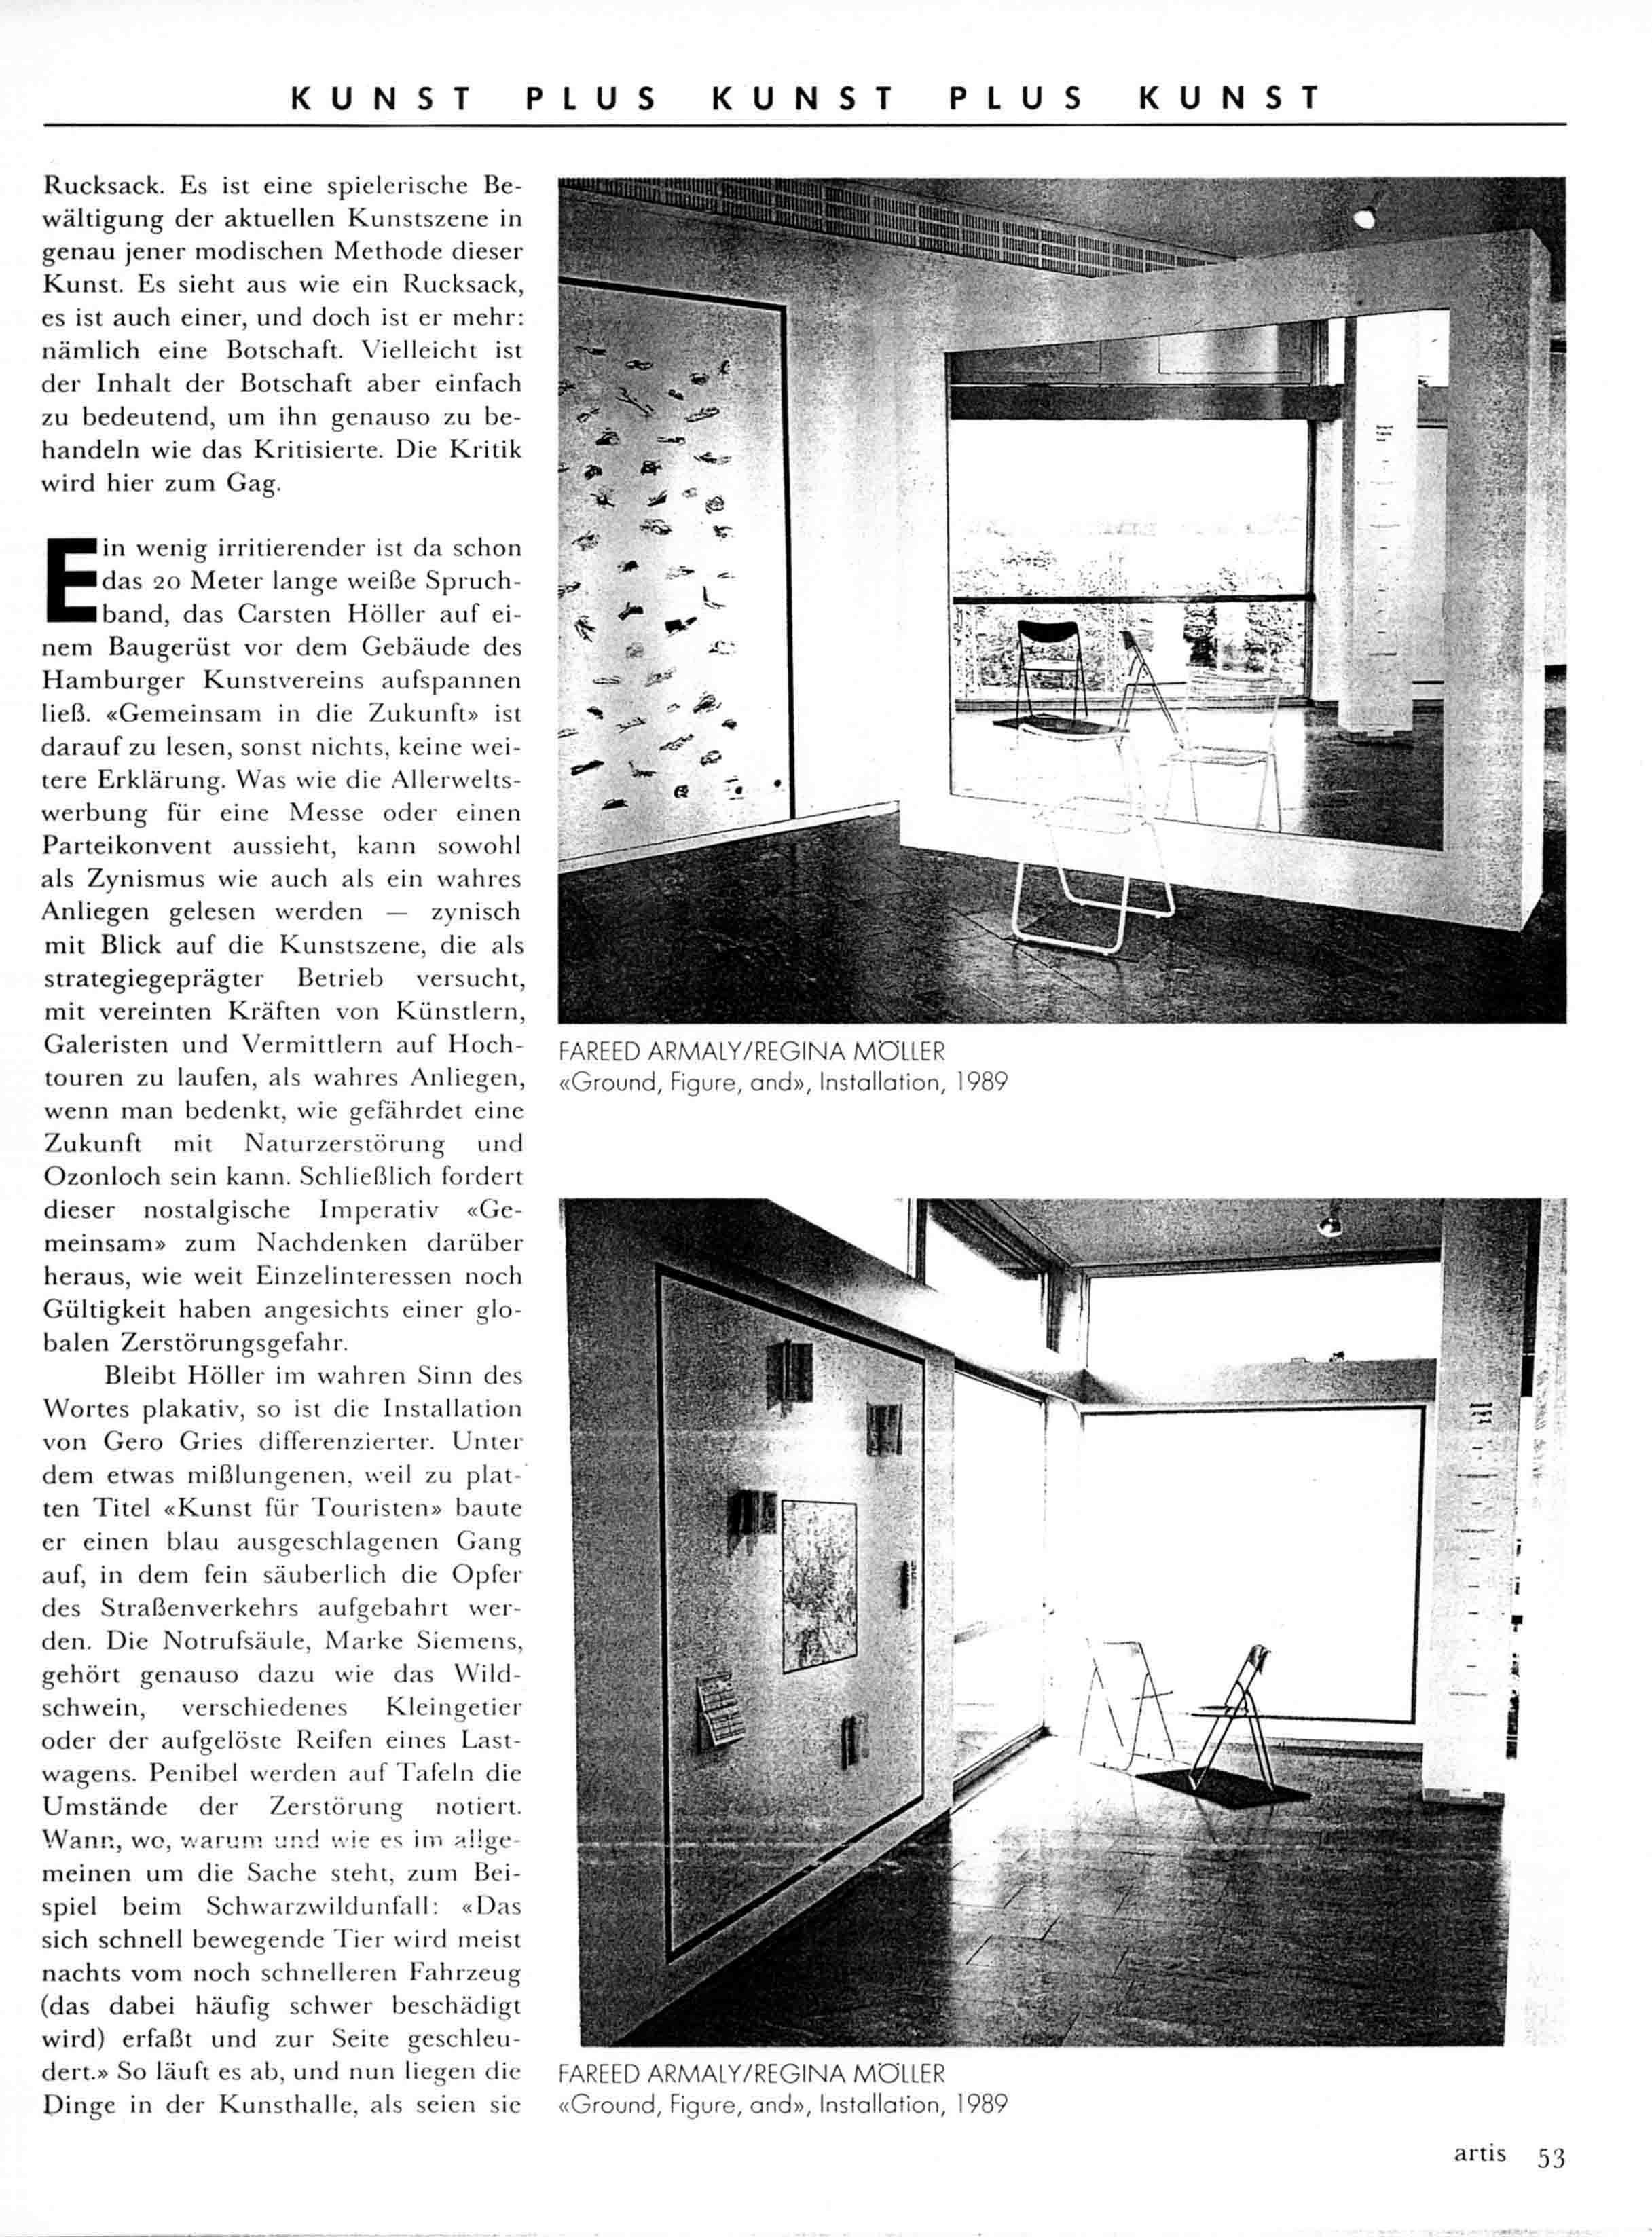 'Eine neue Kritik fur die Neunziger: D & S' Article by Christoph Blase Artis  No 41  Dec 1989